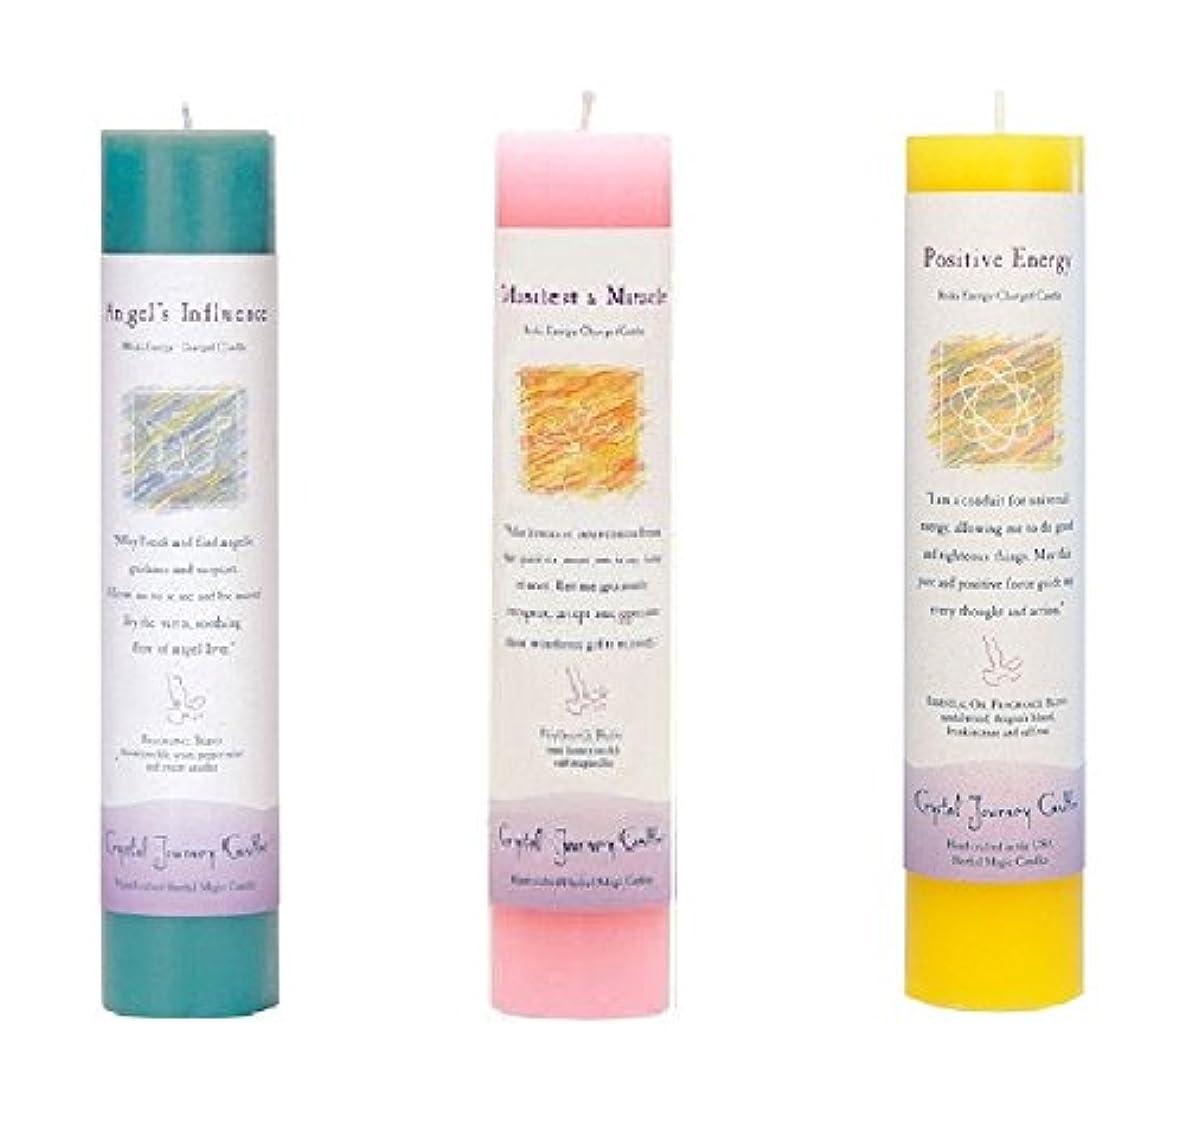 自発報復するにんじん(Angel's Influence, Manifest a Miracle, Positive Energy) - Crystal Journey Reiki Charged Herbal Magic Pillar Candle Bundle (Angel's Influence, Manifest a Miracle, Positive Energy)